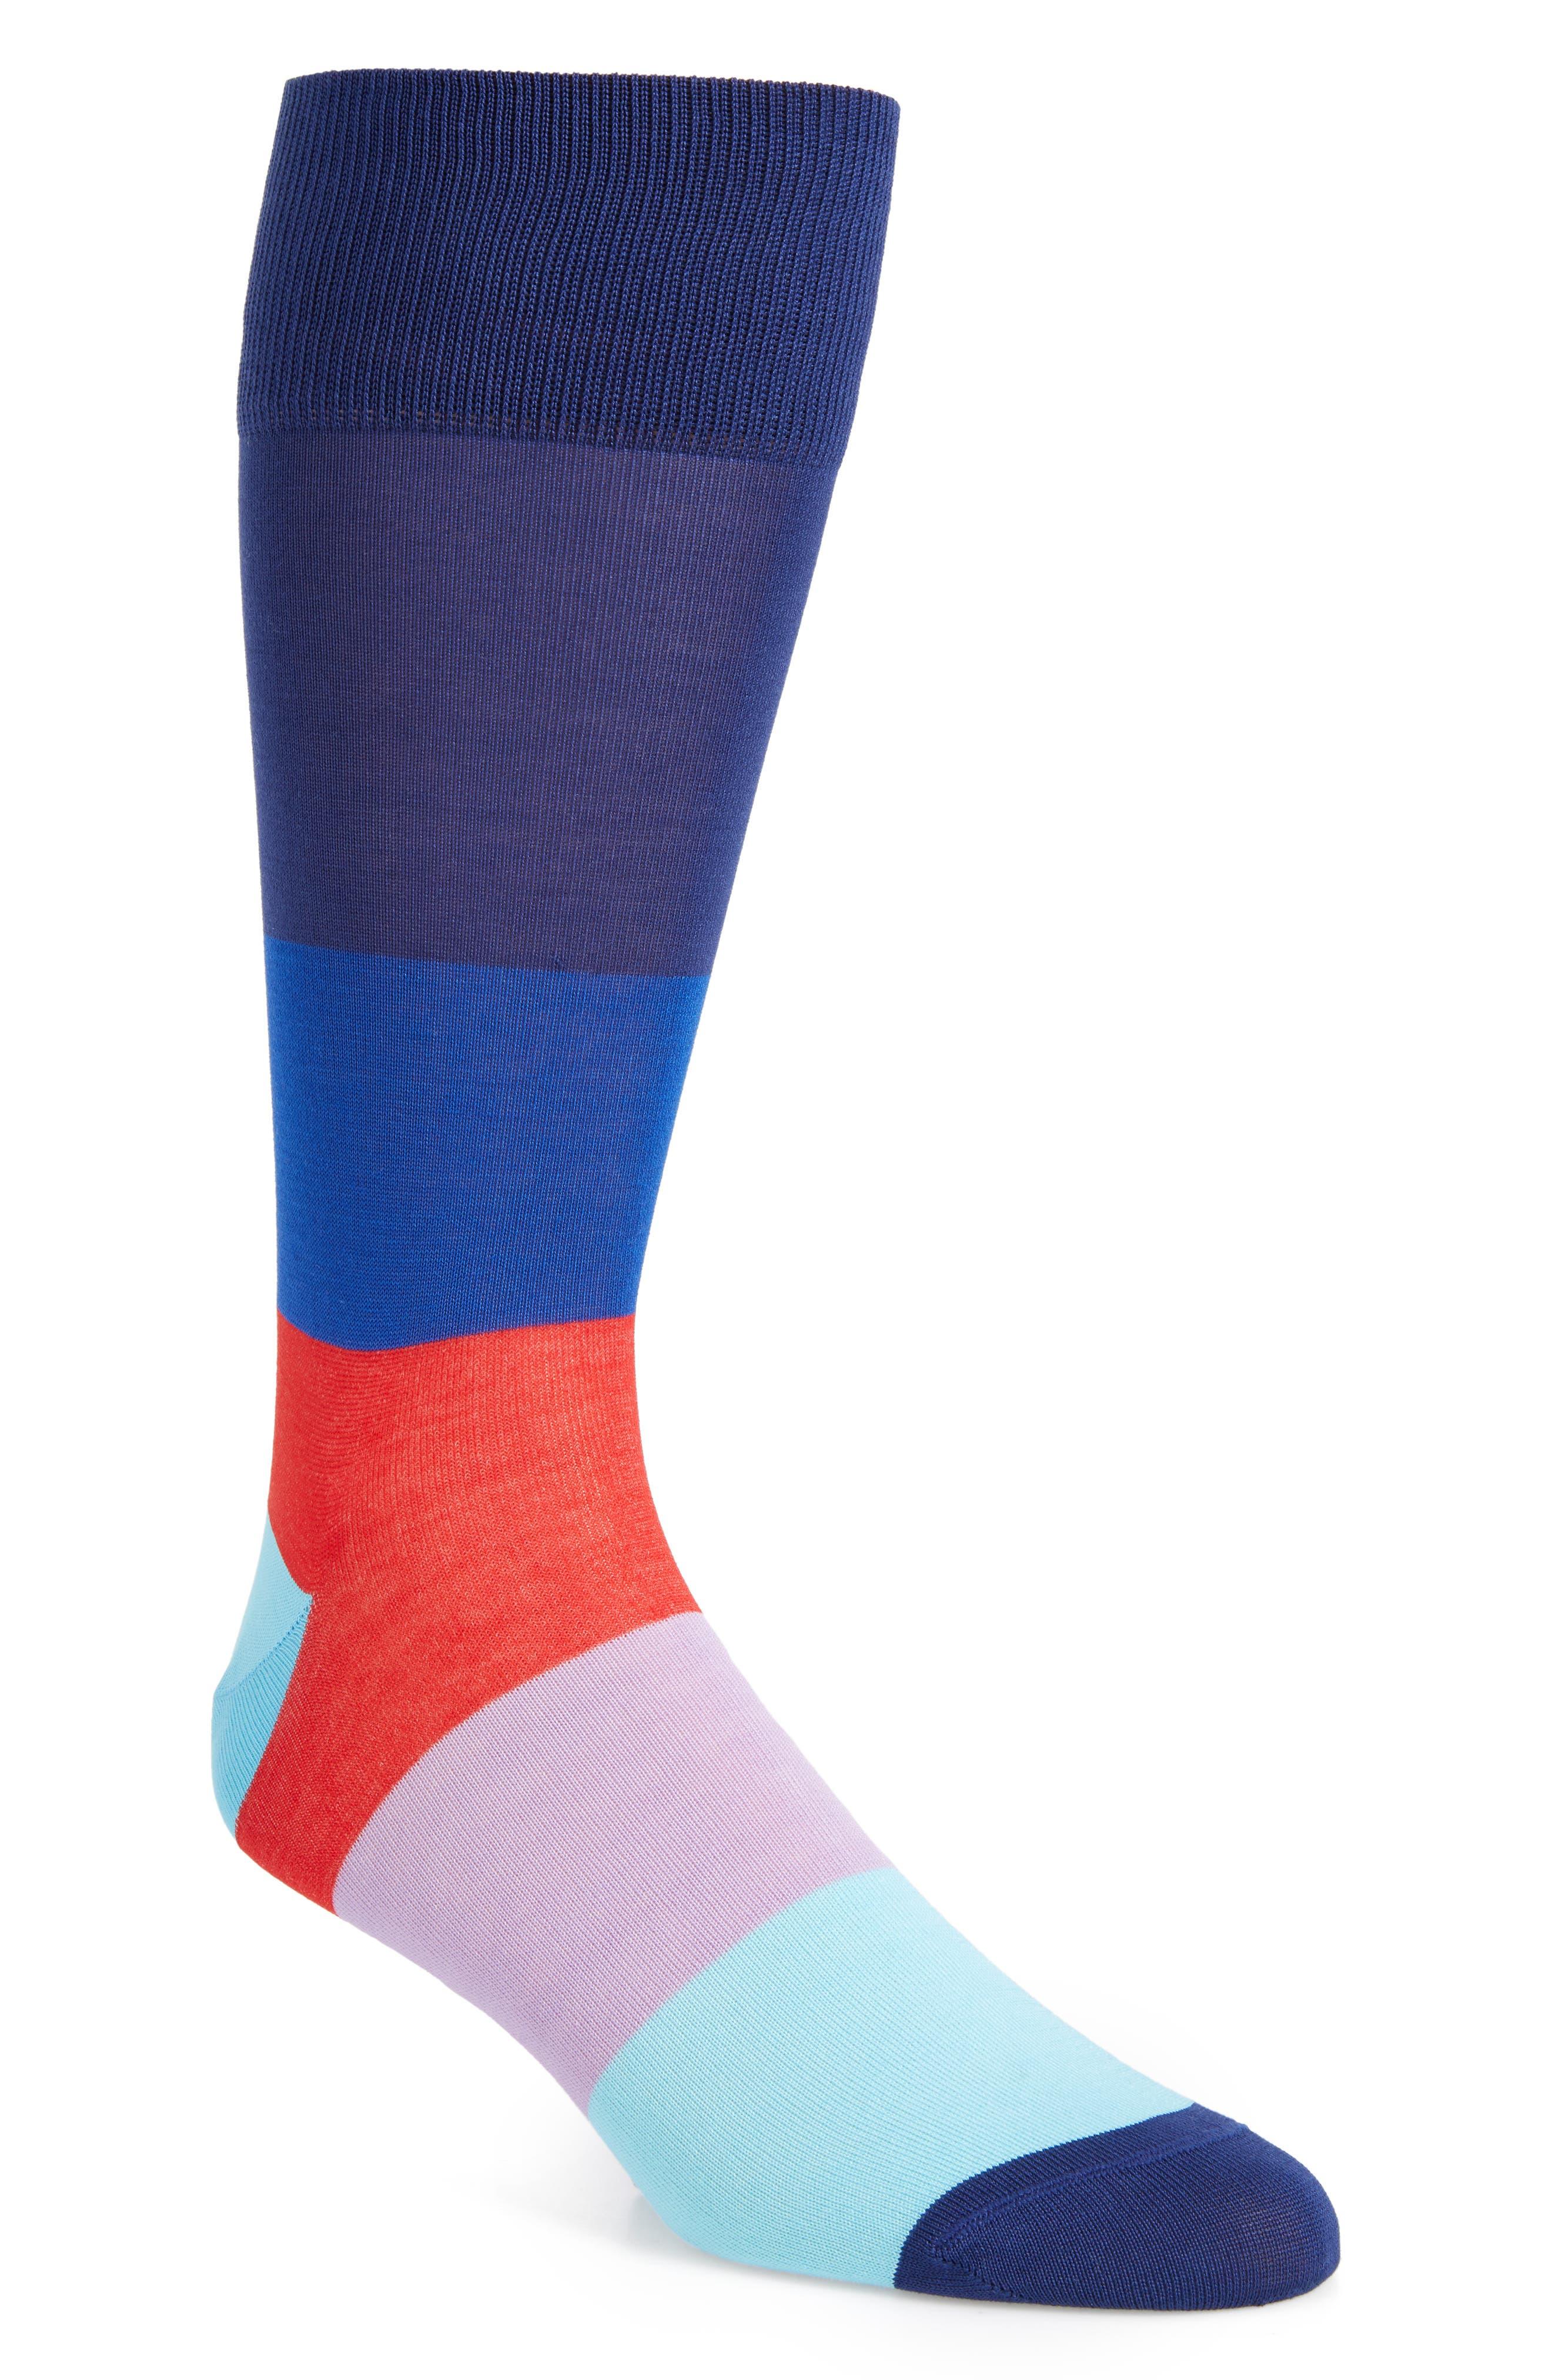 Blocked Ombré Socks,                         Main,                         color, NAVY/ FUCHSIA